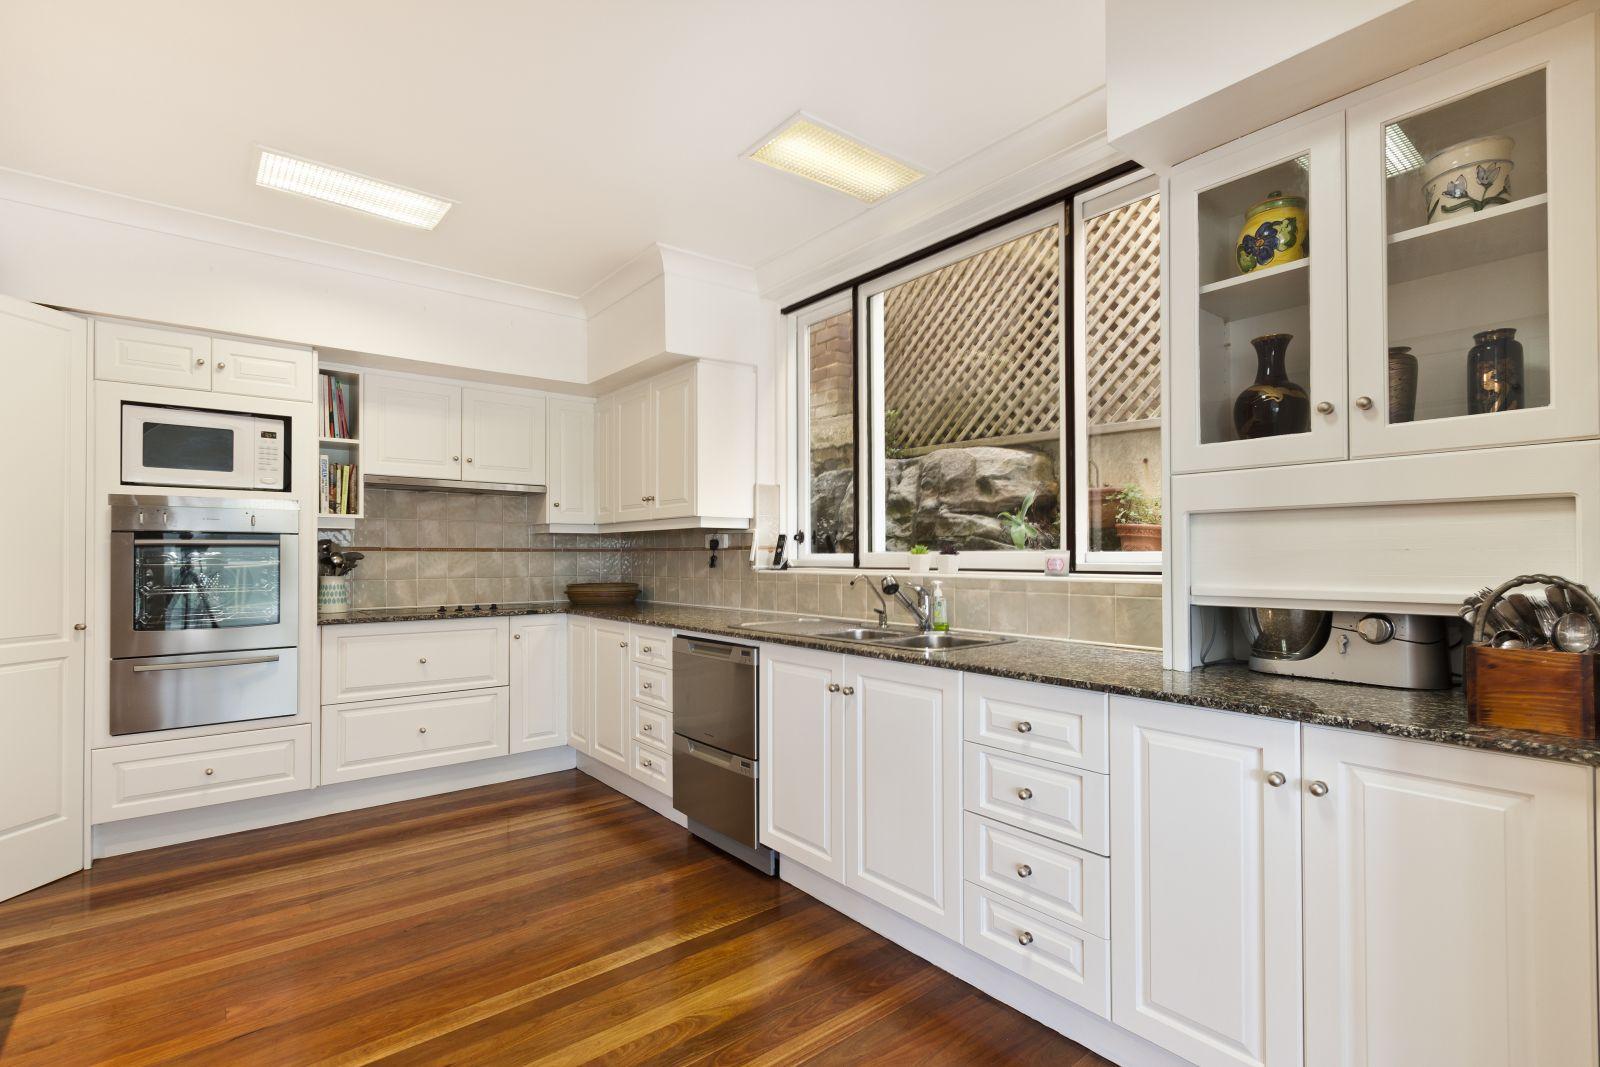 Noticias Blukit Solu Es Para Instala Es Hidr Ulicas -> Sala E Cozinha Mesmo Ambiente